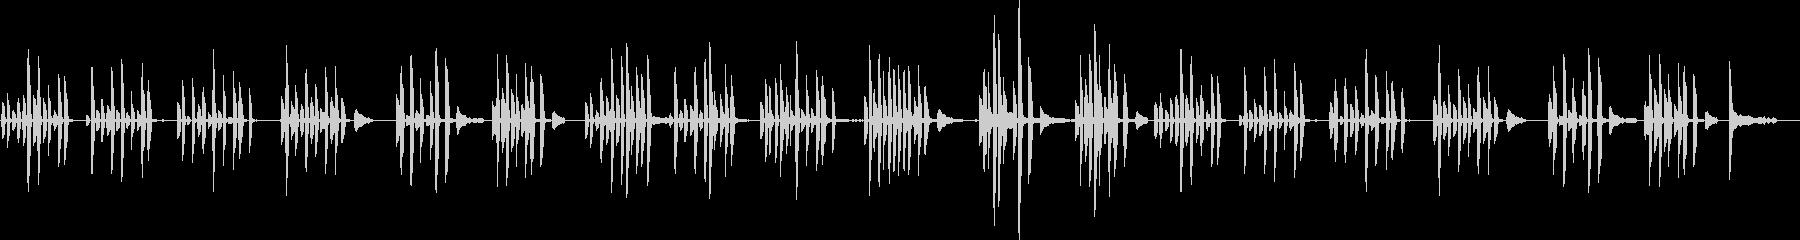 日常ほのぼのピアノ、トークのための。の未再生の波形